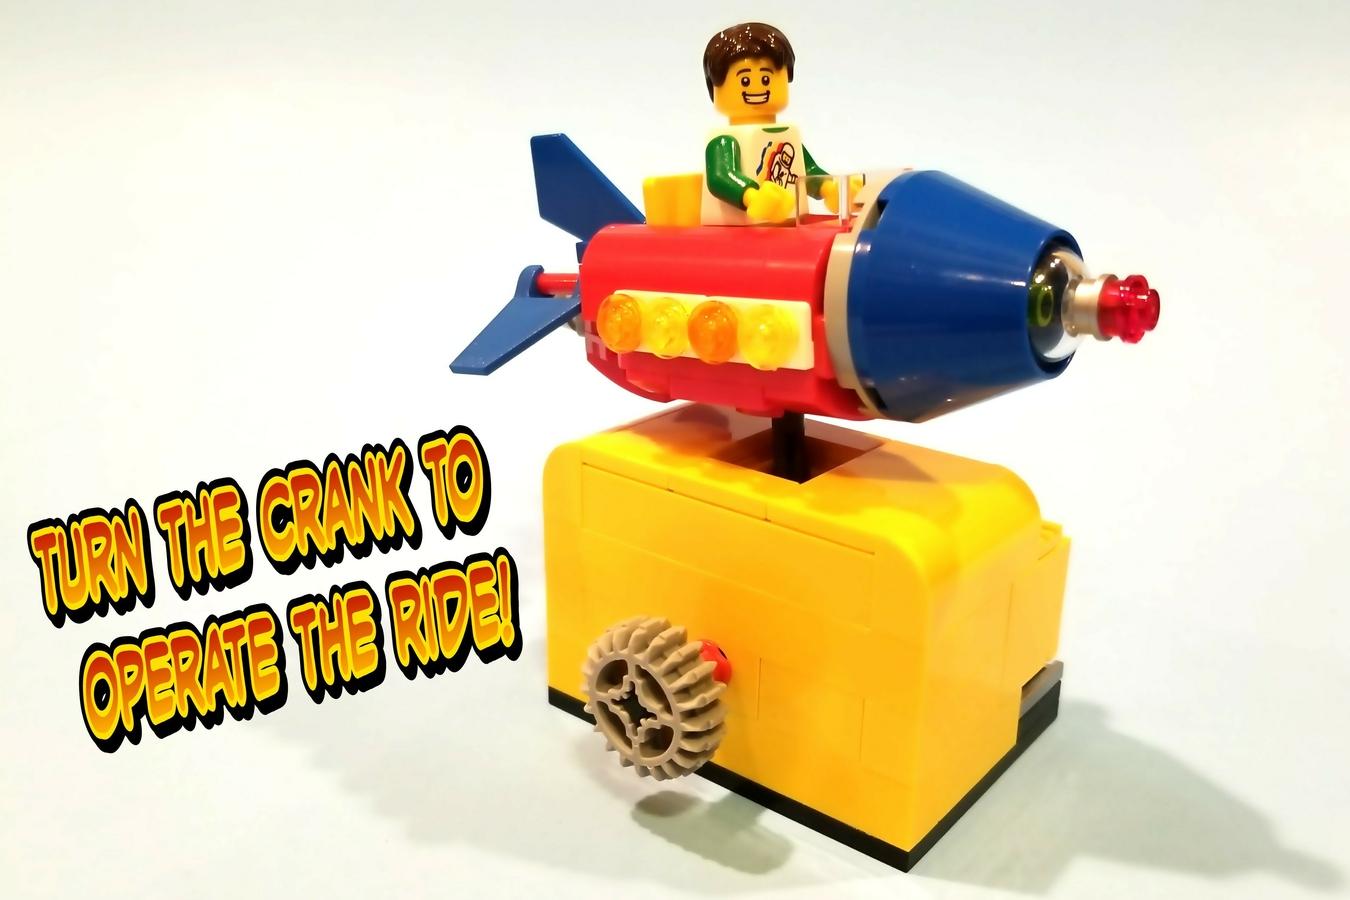 lego-cosmic-rocket-ride-mjsmiley-ideas-seite zusammengebaut.com